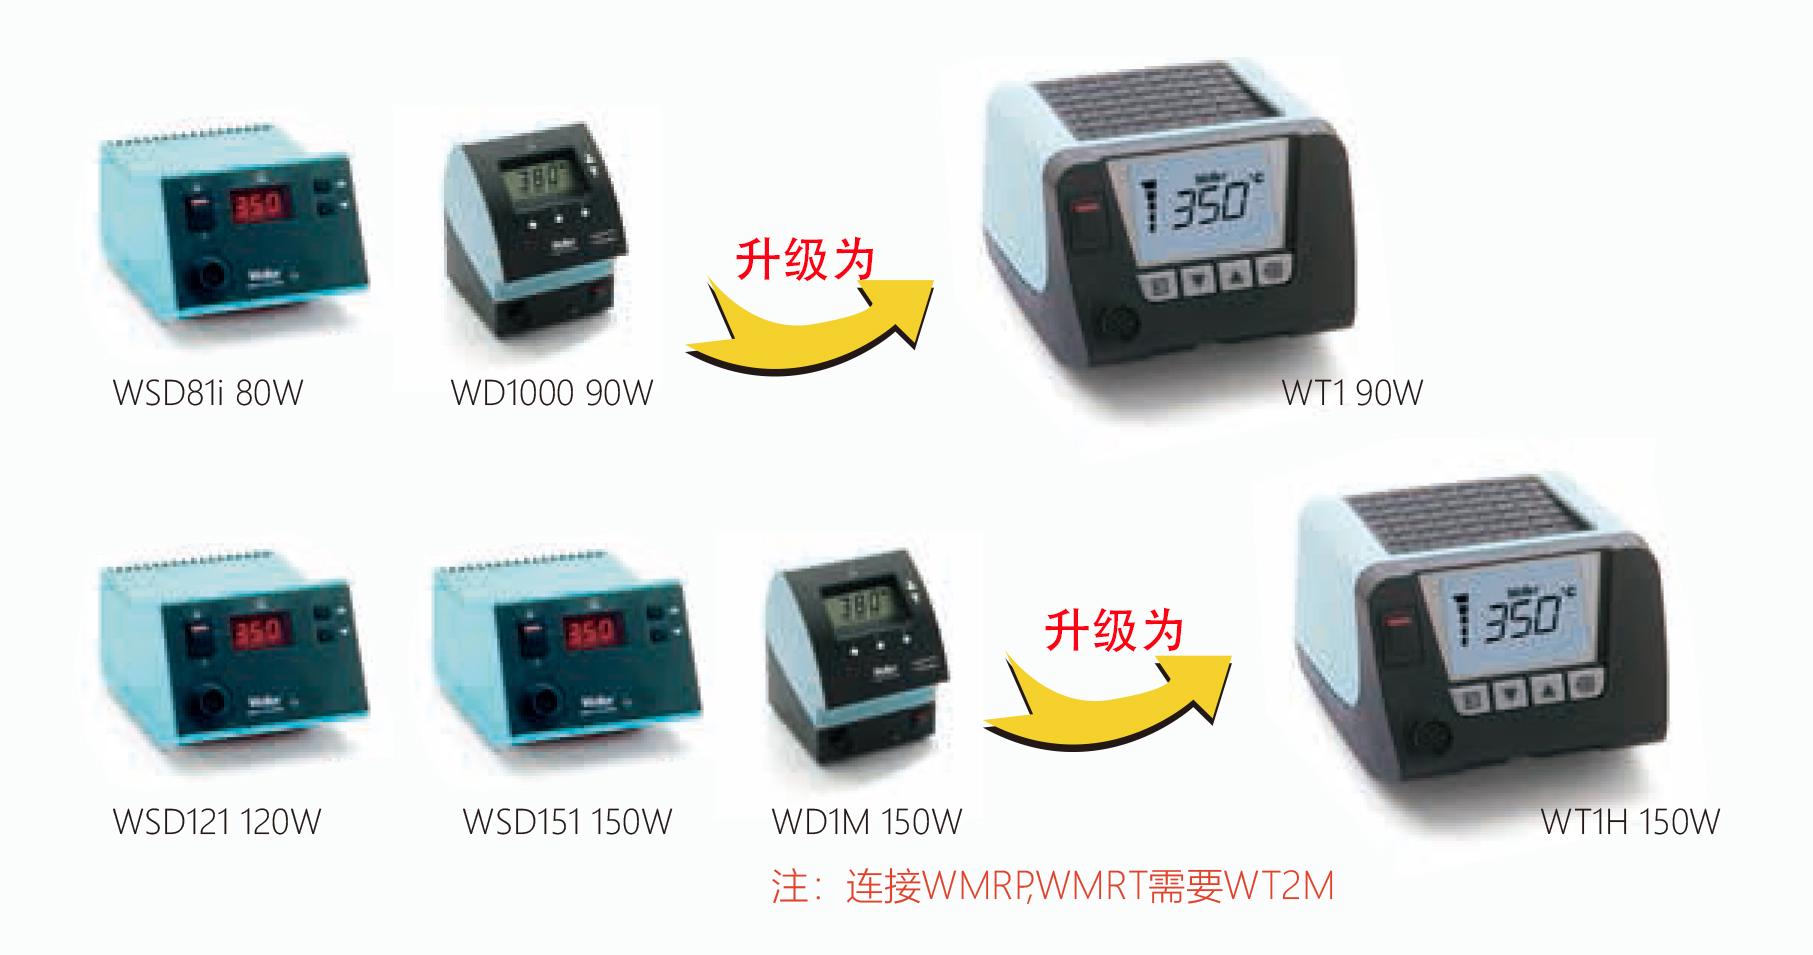 为什么选择全新WT系列电焊台?